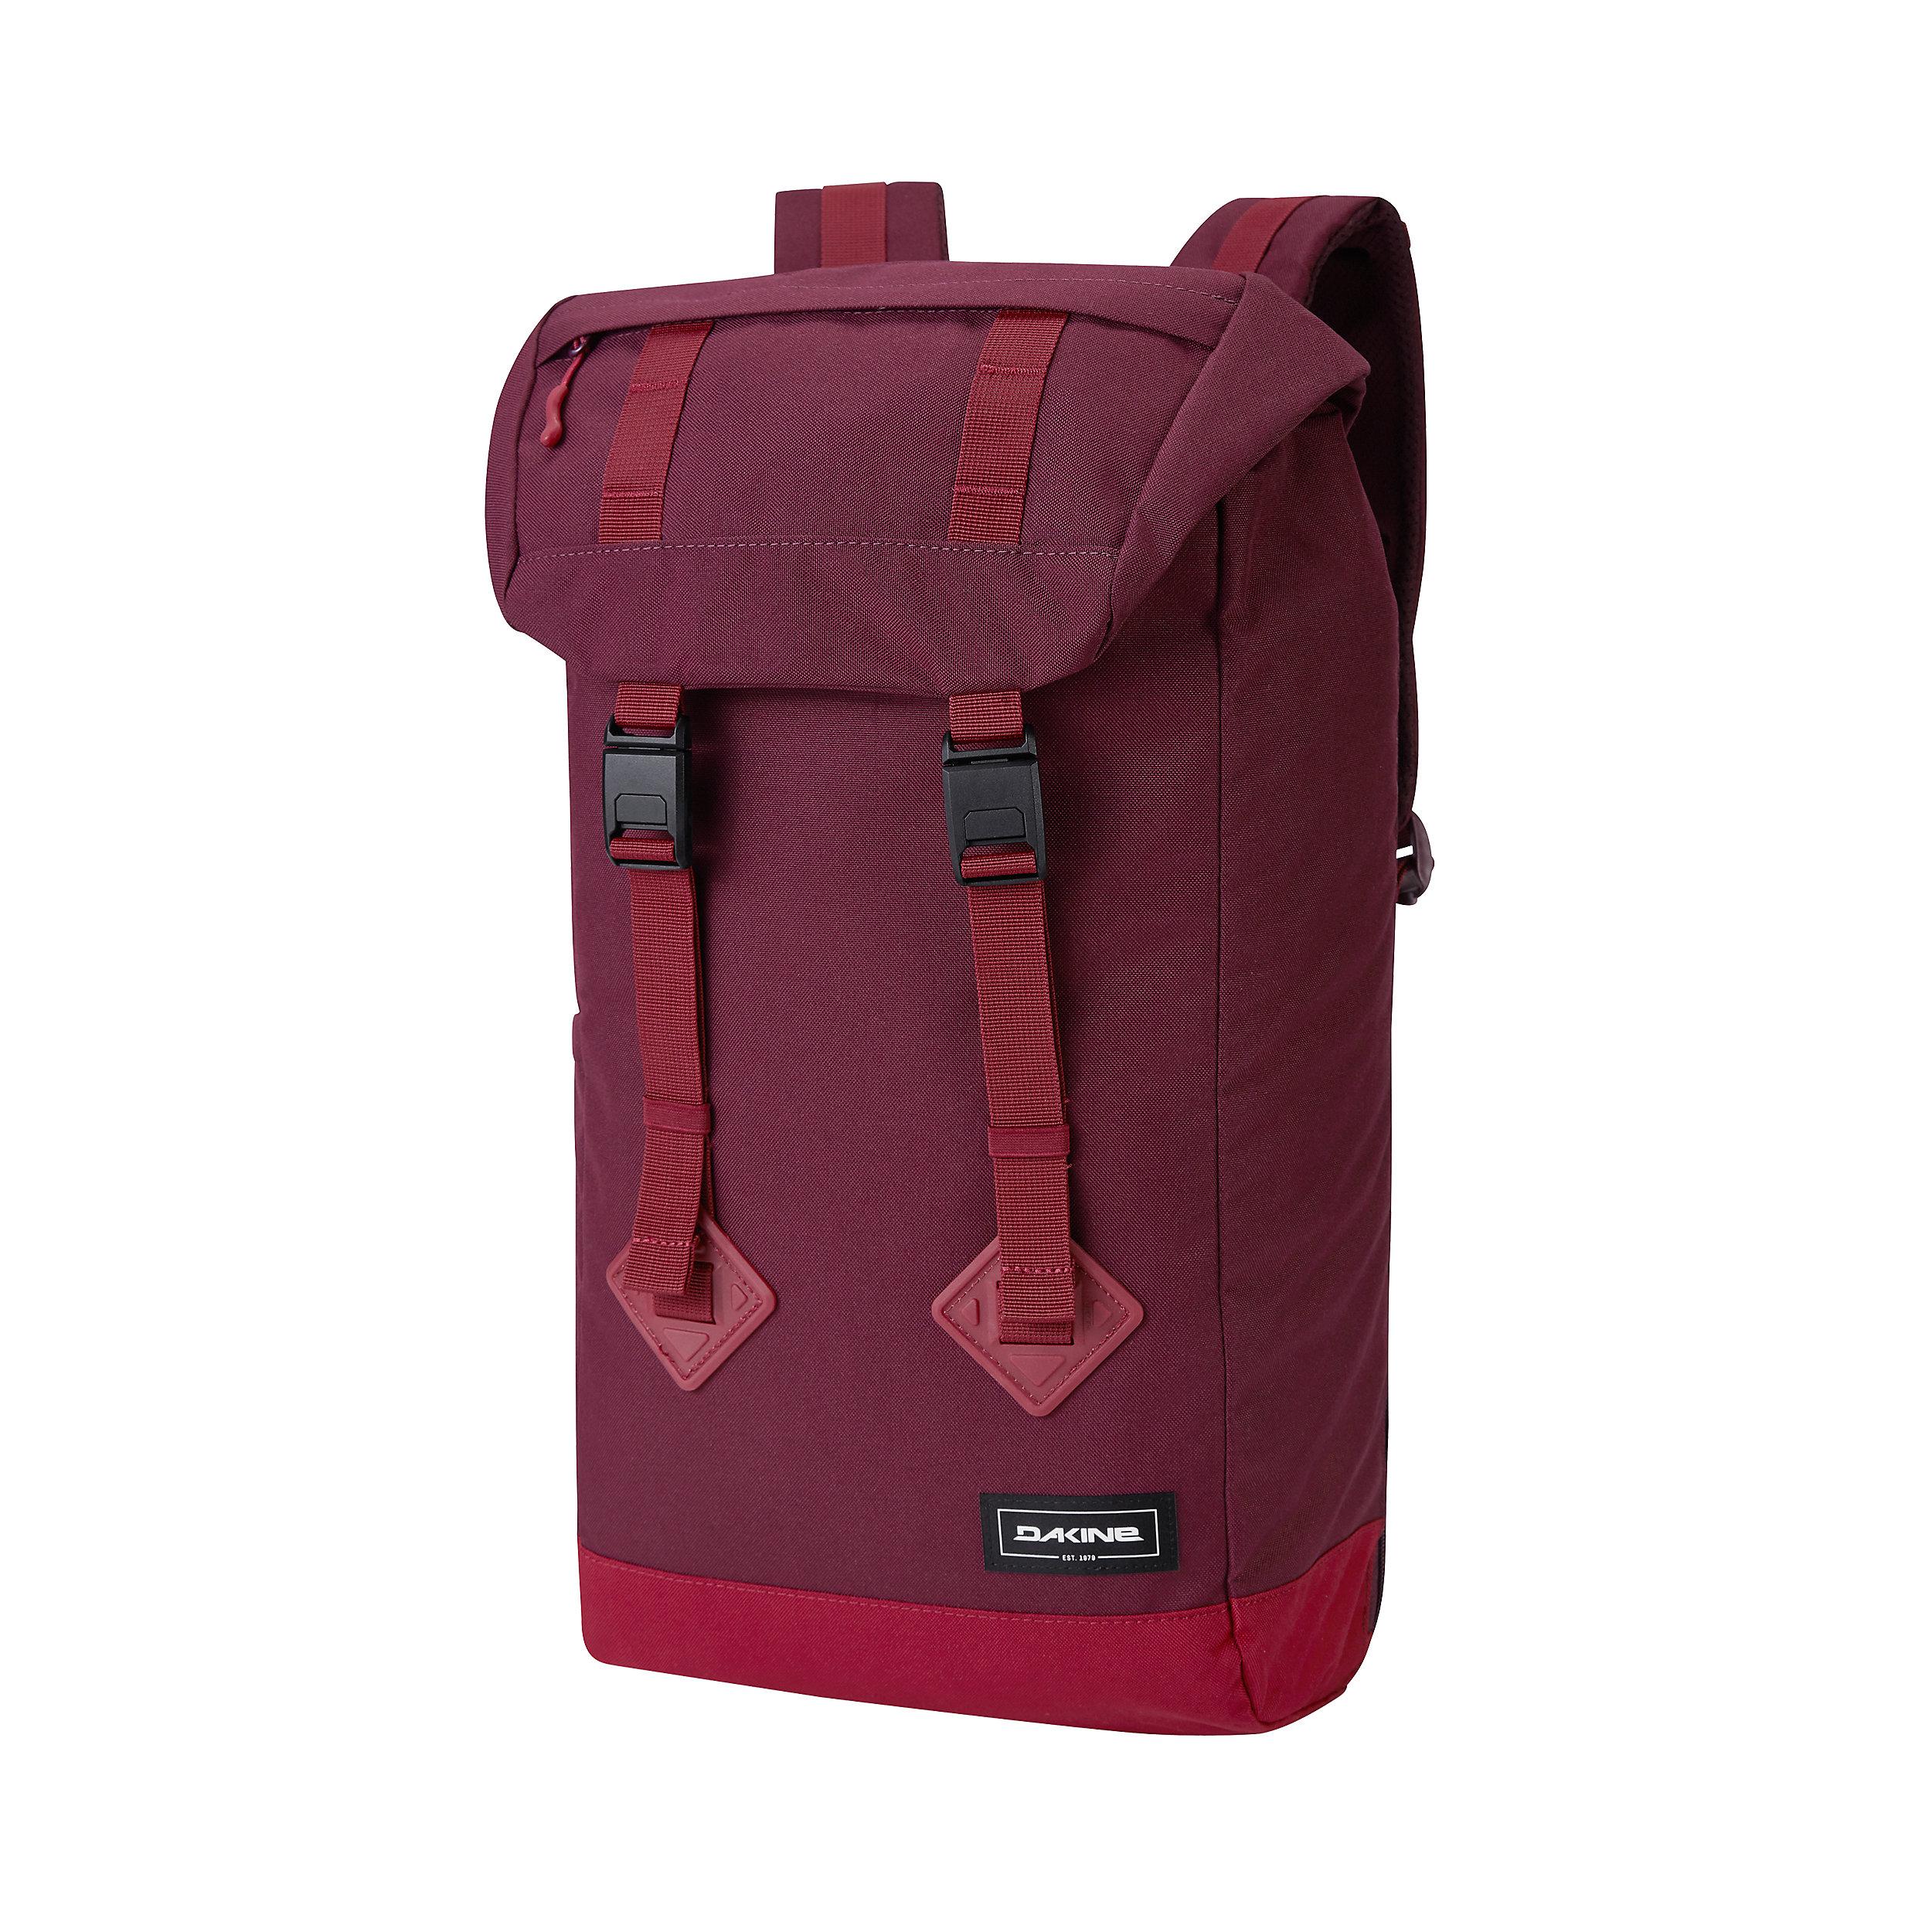 Rucksack Infinity Toploader 15 Zoll Packs L 27 Liter